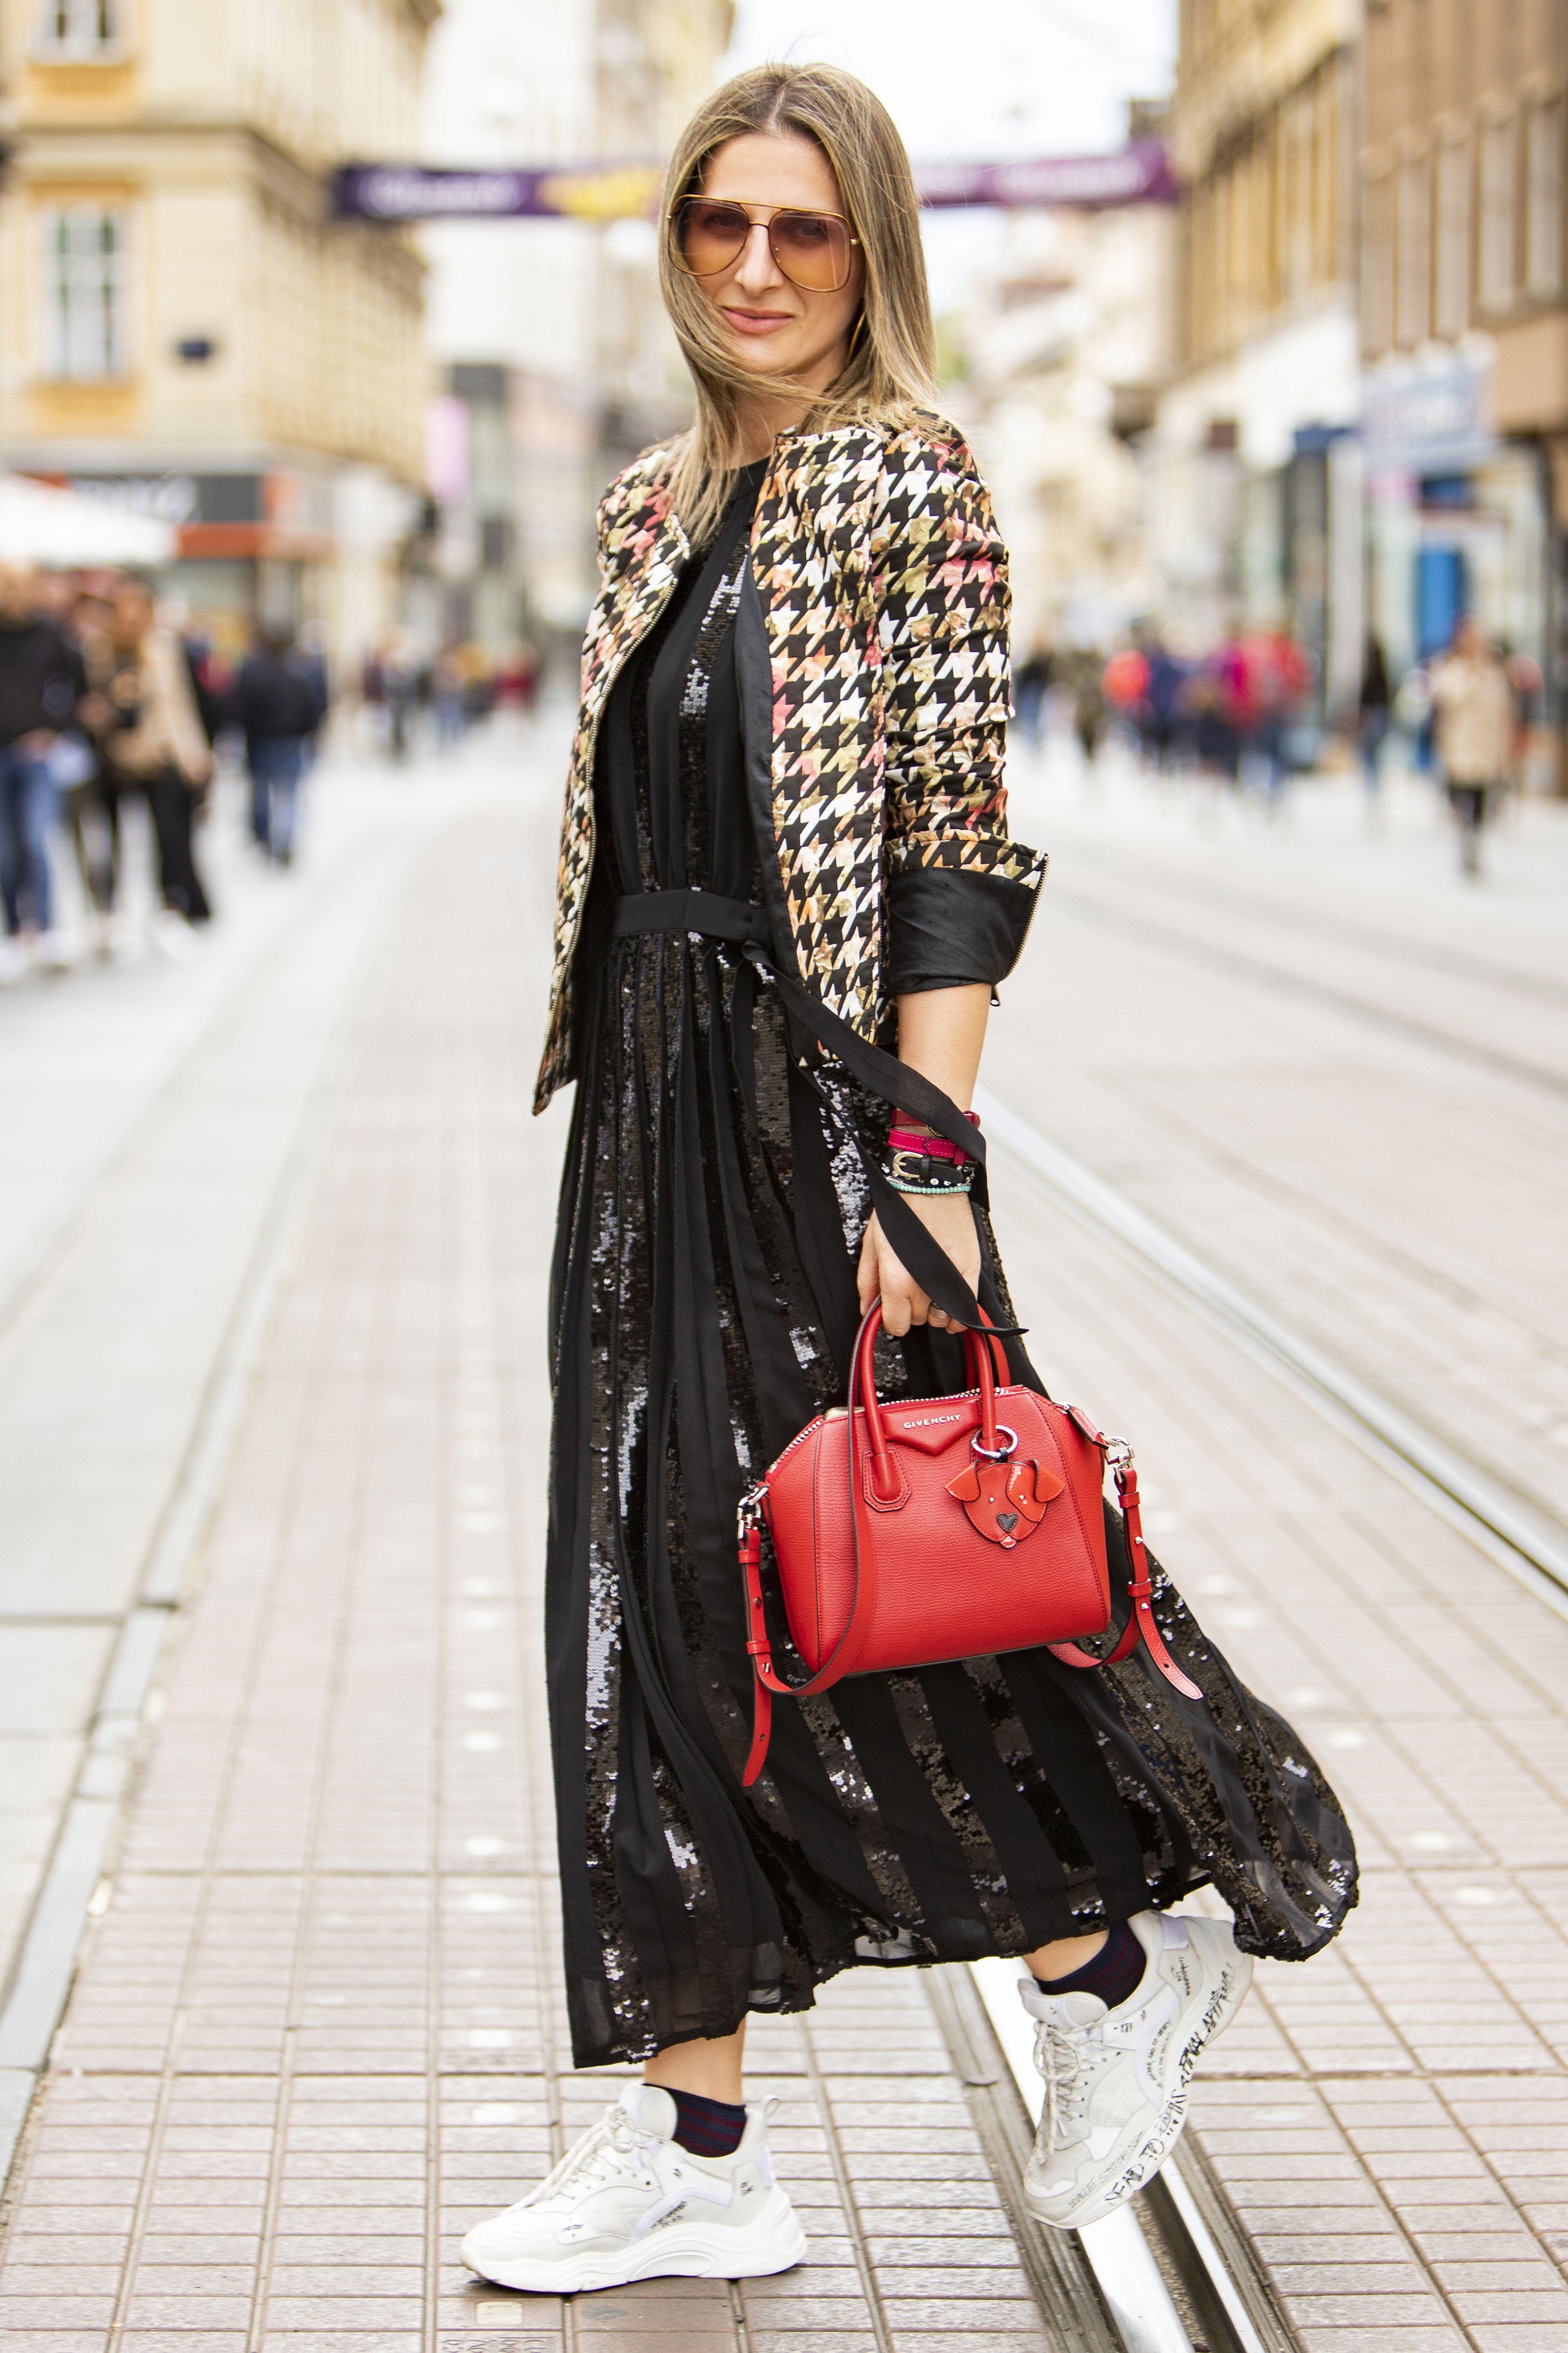 Haljina ove ljepotice iz centra Zagreba odmah će vam popraviti dan!